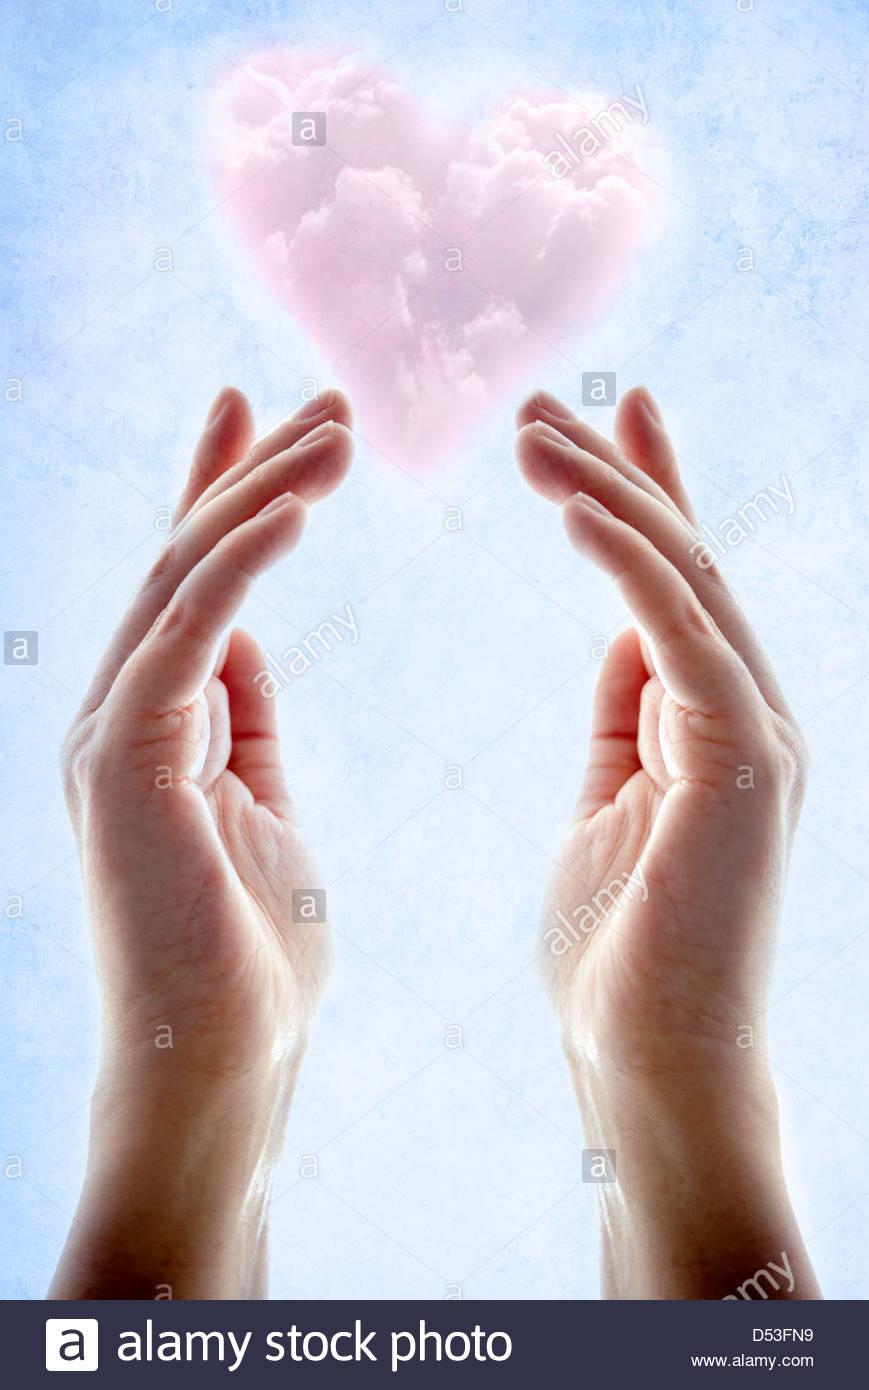 Mani con rosa a forma di cuore il cloud galleggiante sopra di loro Foto Stock